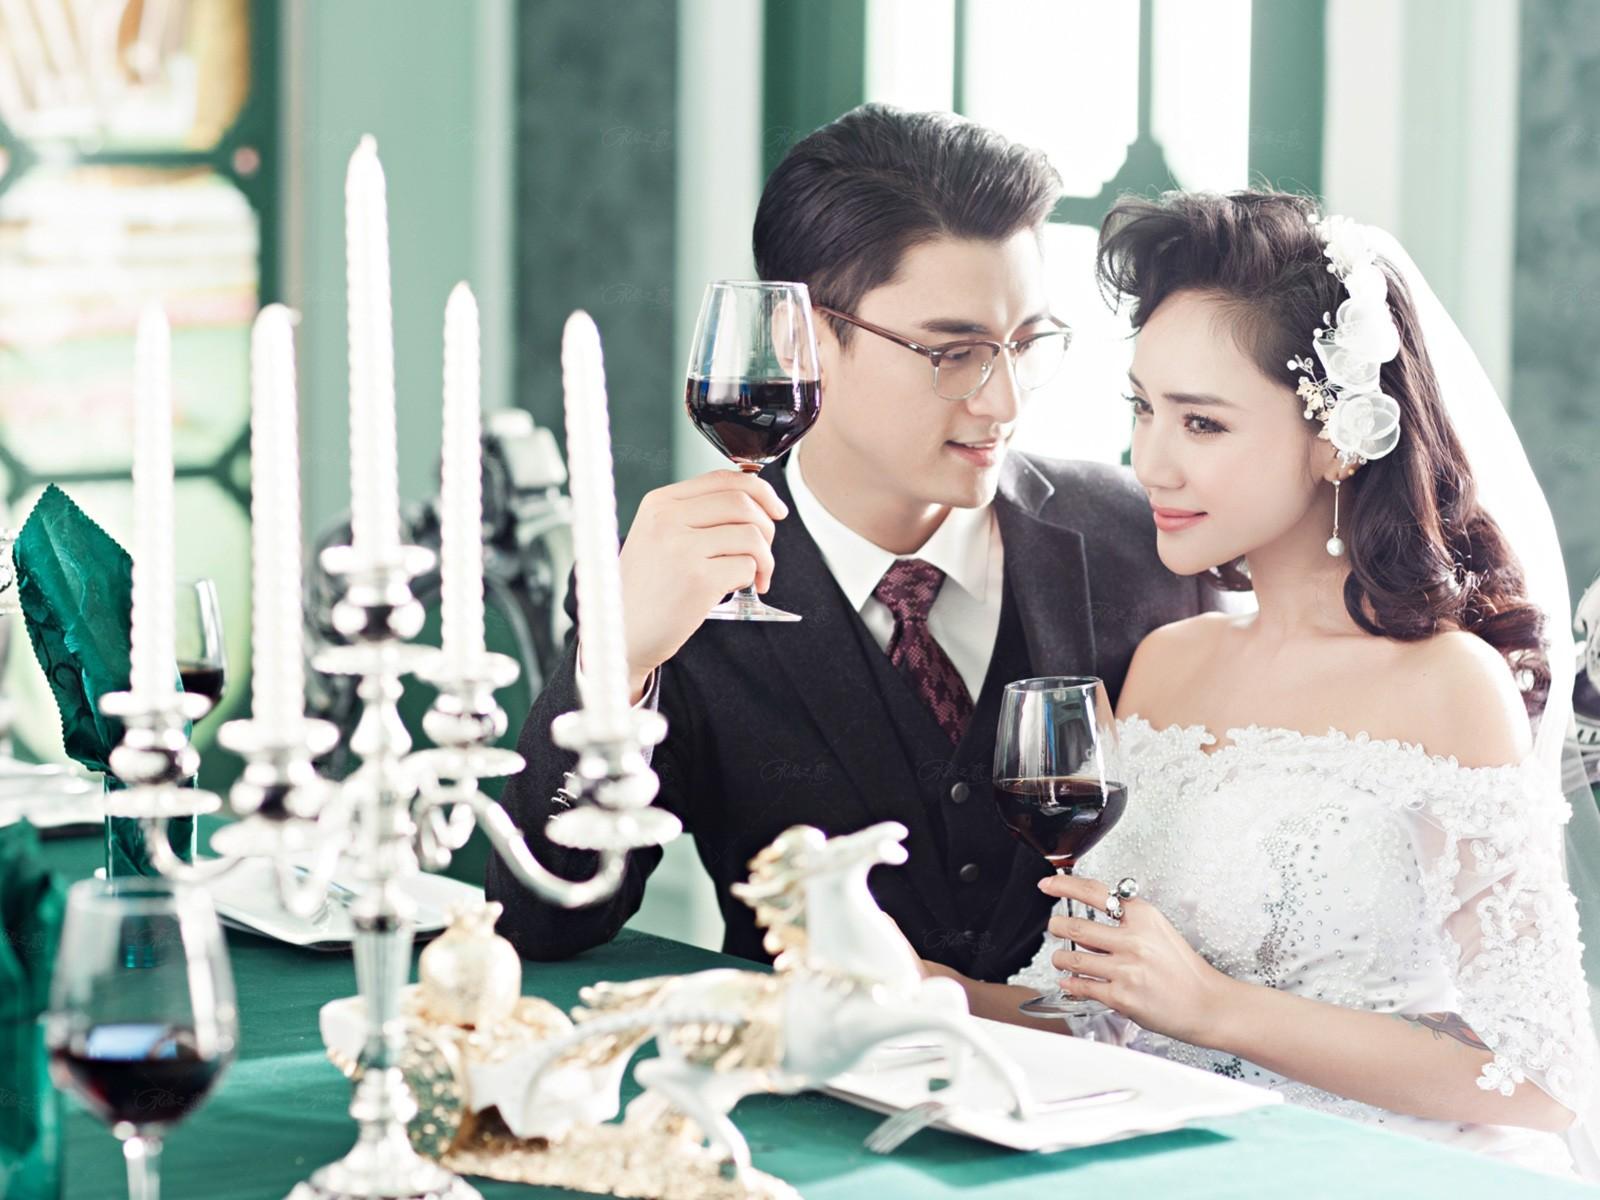 北京婚纱摄影—怎样拍出时尚欧式婚纱照片